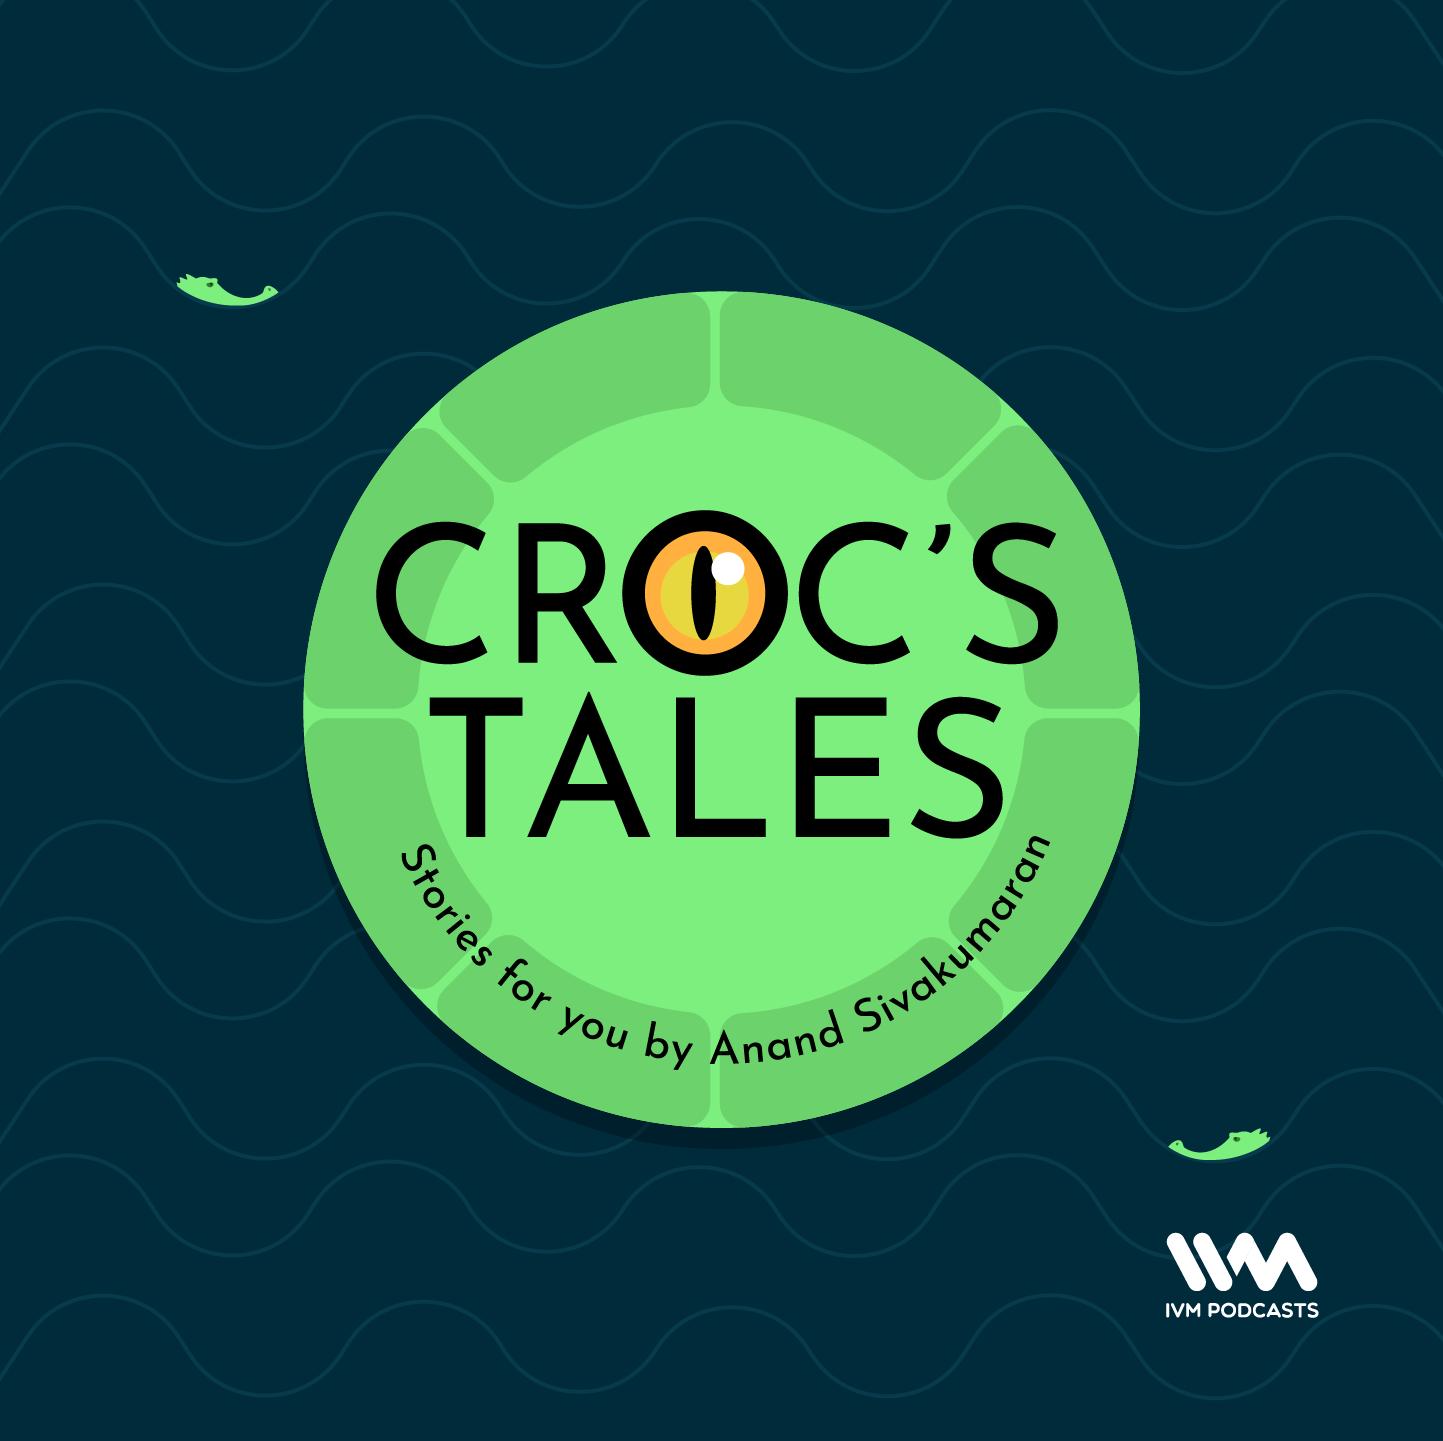 Croc's Tales show art